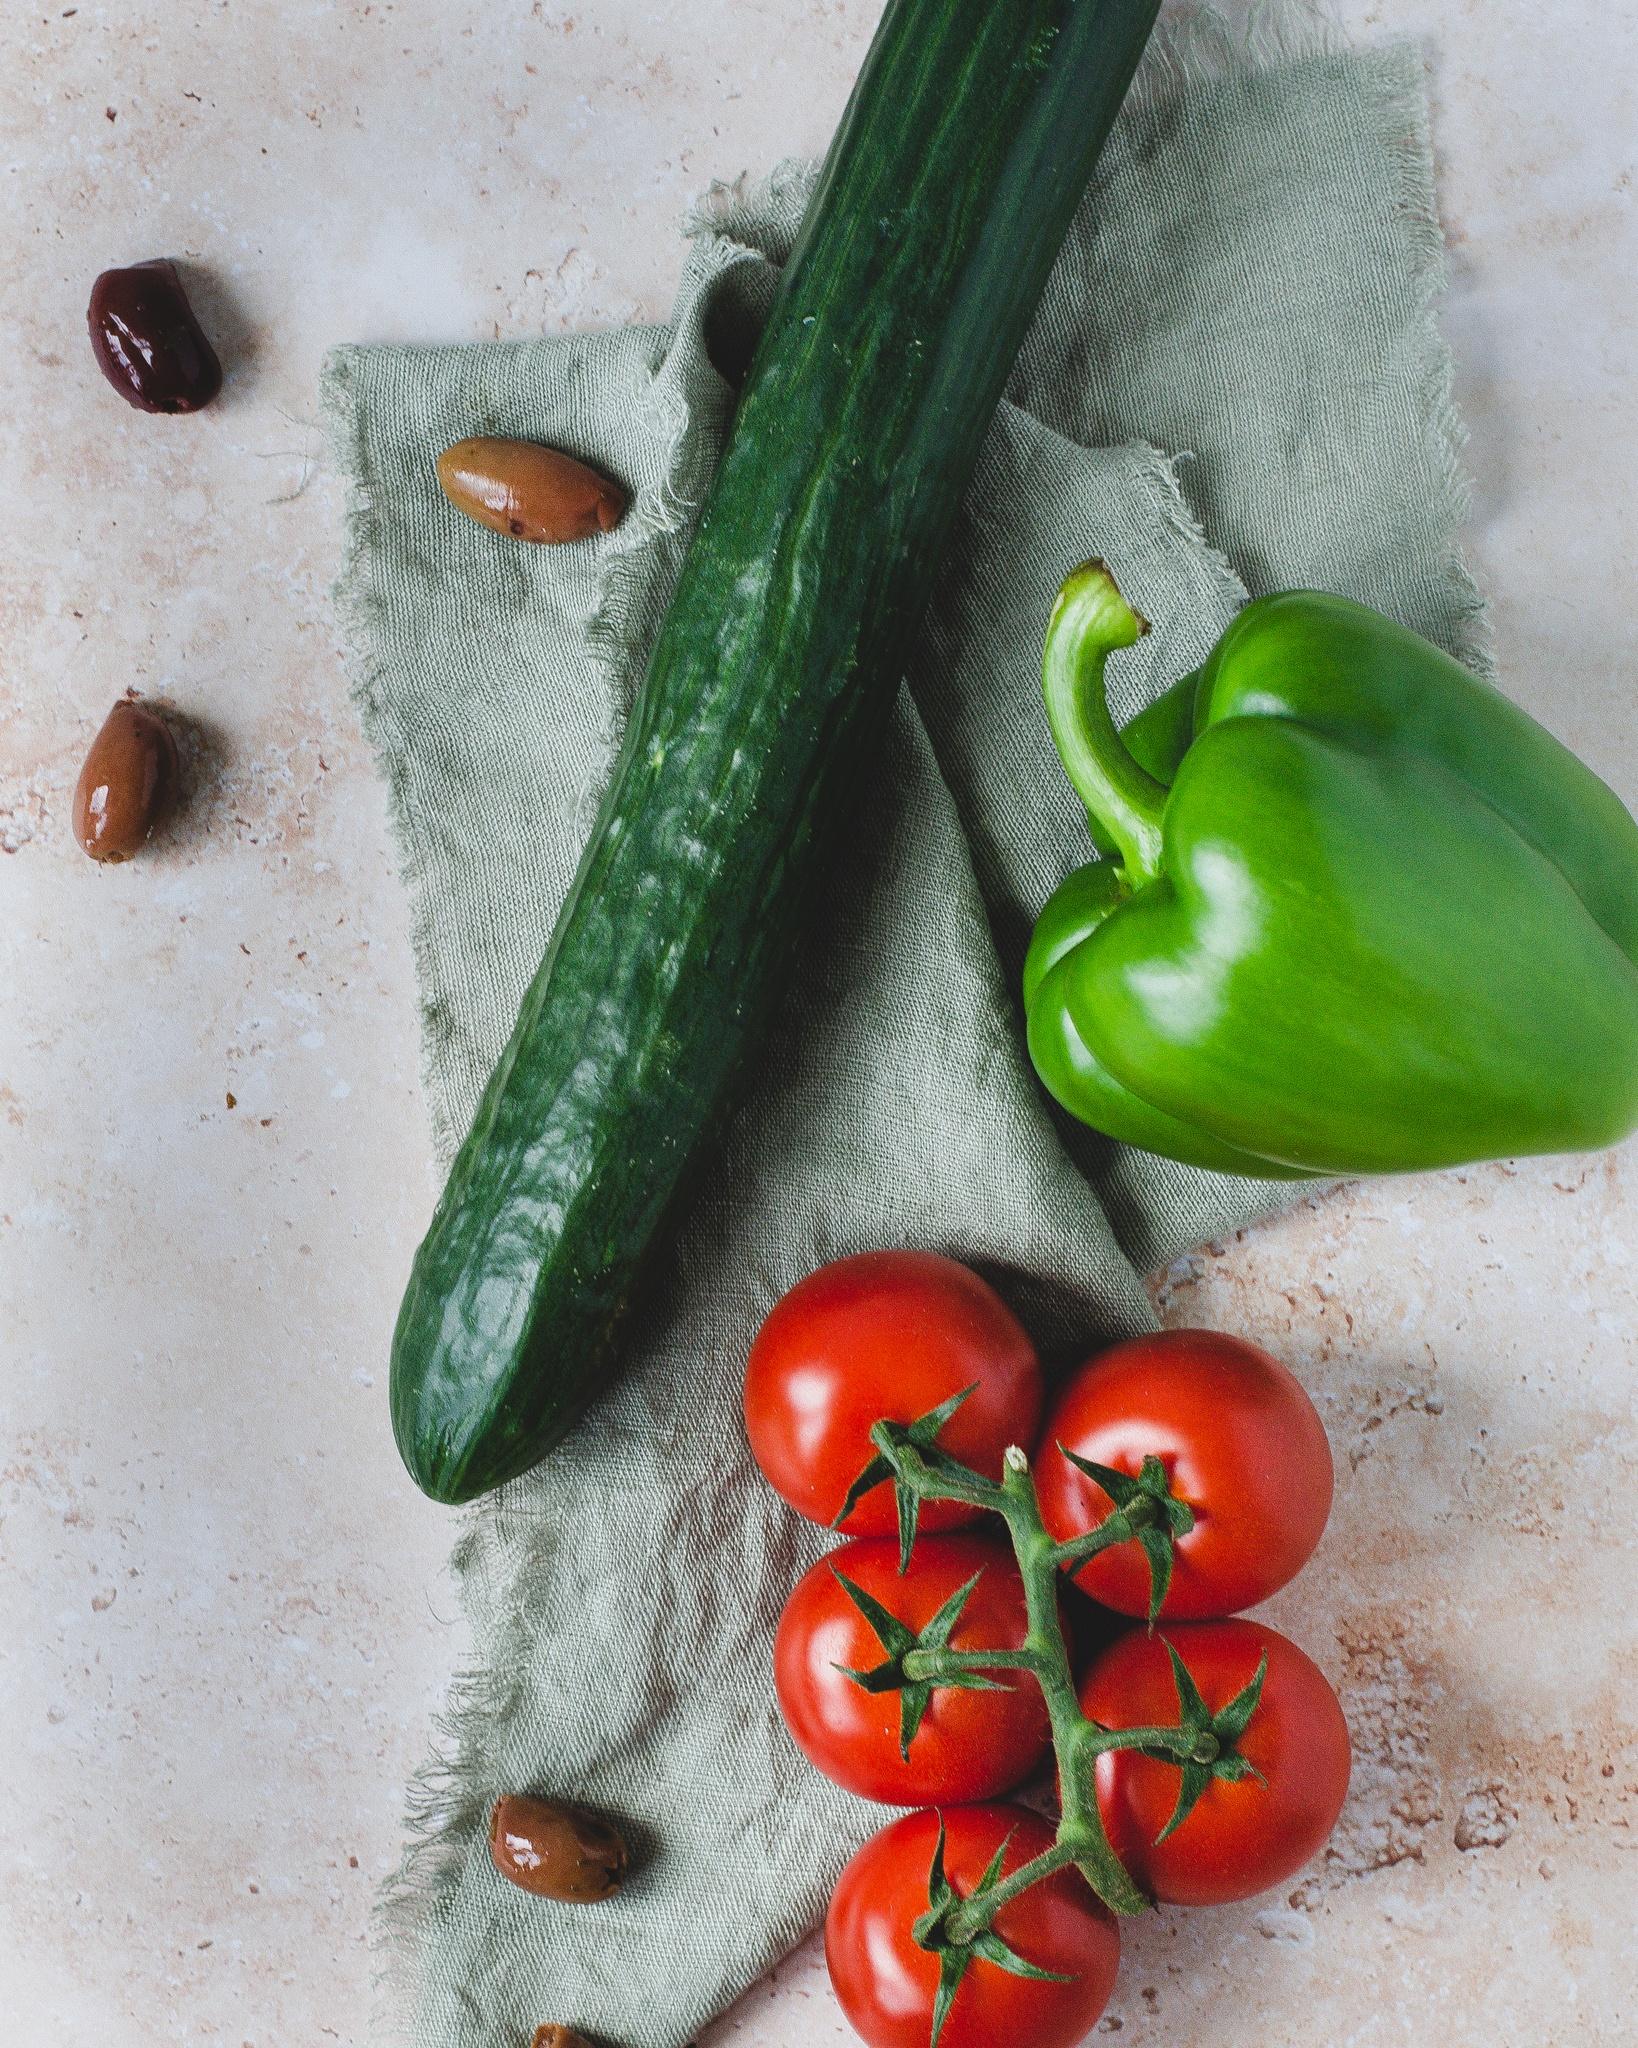 Grøntsager, agurk, grønt peberfrugt, tomat og oliven